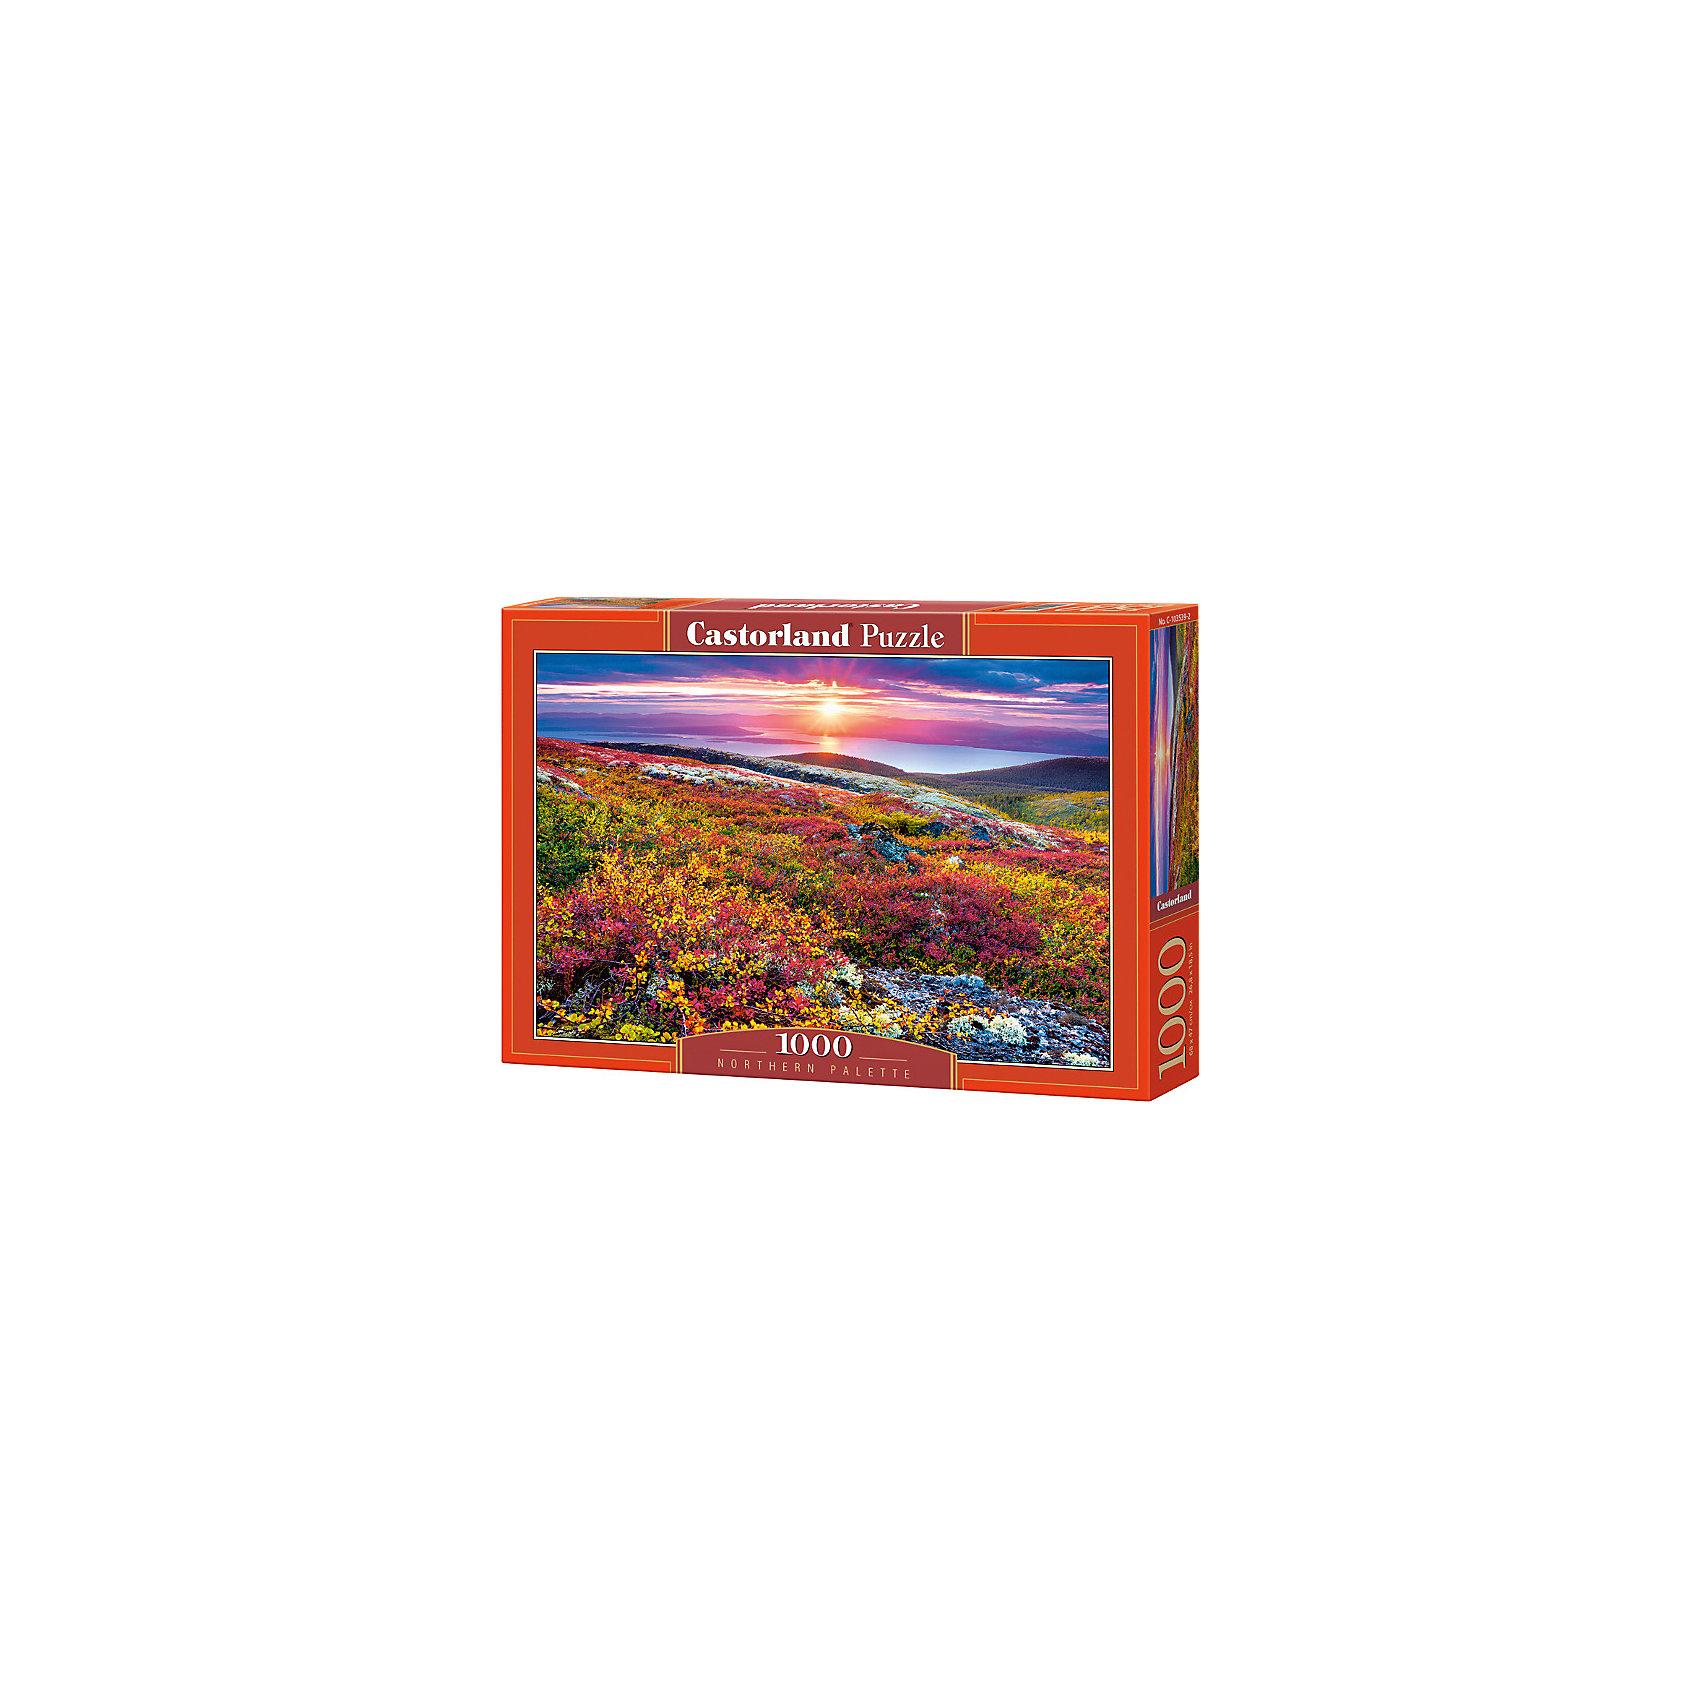 Пазл Северная палитра, 1000 деталей, CastorlandПазлы для детей постарше<br>Характеристики:<br><br>• возраст: от 9 лет<br>• автор: Александр Ермолицкий<br>• количество деталей: 1000 шт.<br>• размер собранного пазла: 68х47 см.<br>• размер 1 элемента пазла: 1,8х1,8 см.<br>• материал: картон<br>• упаковка: картонная коробка<br>• размер упаковки: 35x5x25 см.<br>• вес: 500 гр.<br>• страна обладатель бренда: Польша<br><br>Пазл «Северная палитра» с живописным пейзажем северных широт предназначен для сборки детьми среднего и старшего возраста и, конечно, для взрослых. Холмы с разноцветными травами, озерная гладь и закат солнца.<br><br>Пазл Северная палитра, 1000 деталей, Castorland (Касторленд) можно купить в нашем интернет-магазине.<br><br>Ширина мм: 350<br>Глубина мм: 250<br>Высота мм: 50<br>Вес г: 500<br>Возраст от месяцев: 108<br>Возраст до месяцев: 2147483647<br>Пол: Унисекс<br>Возраст: Детский<br>SKU: 6725068